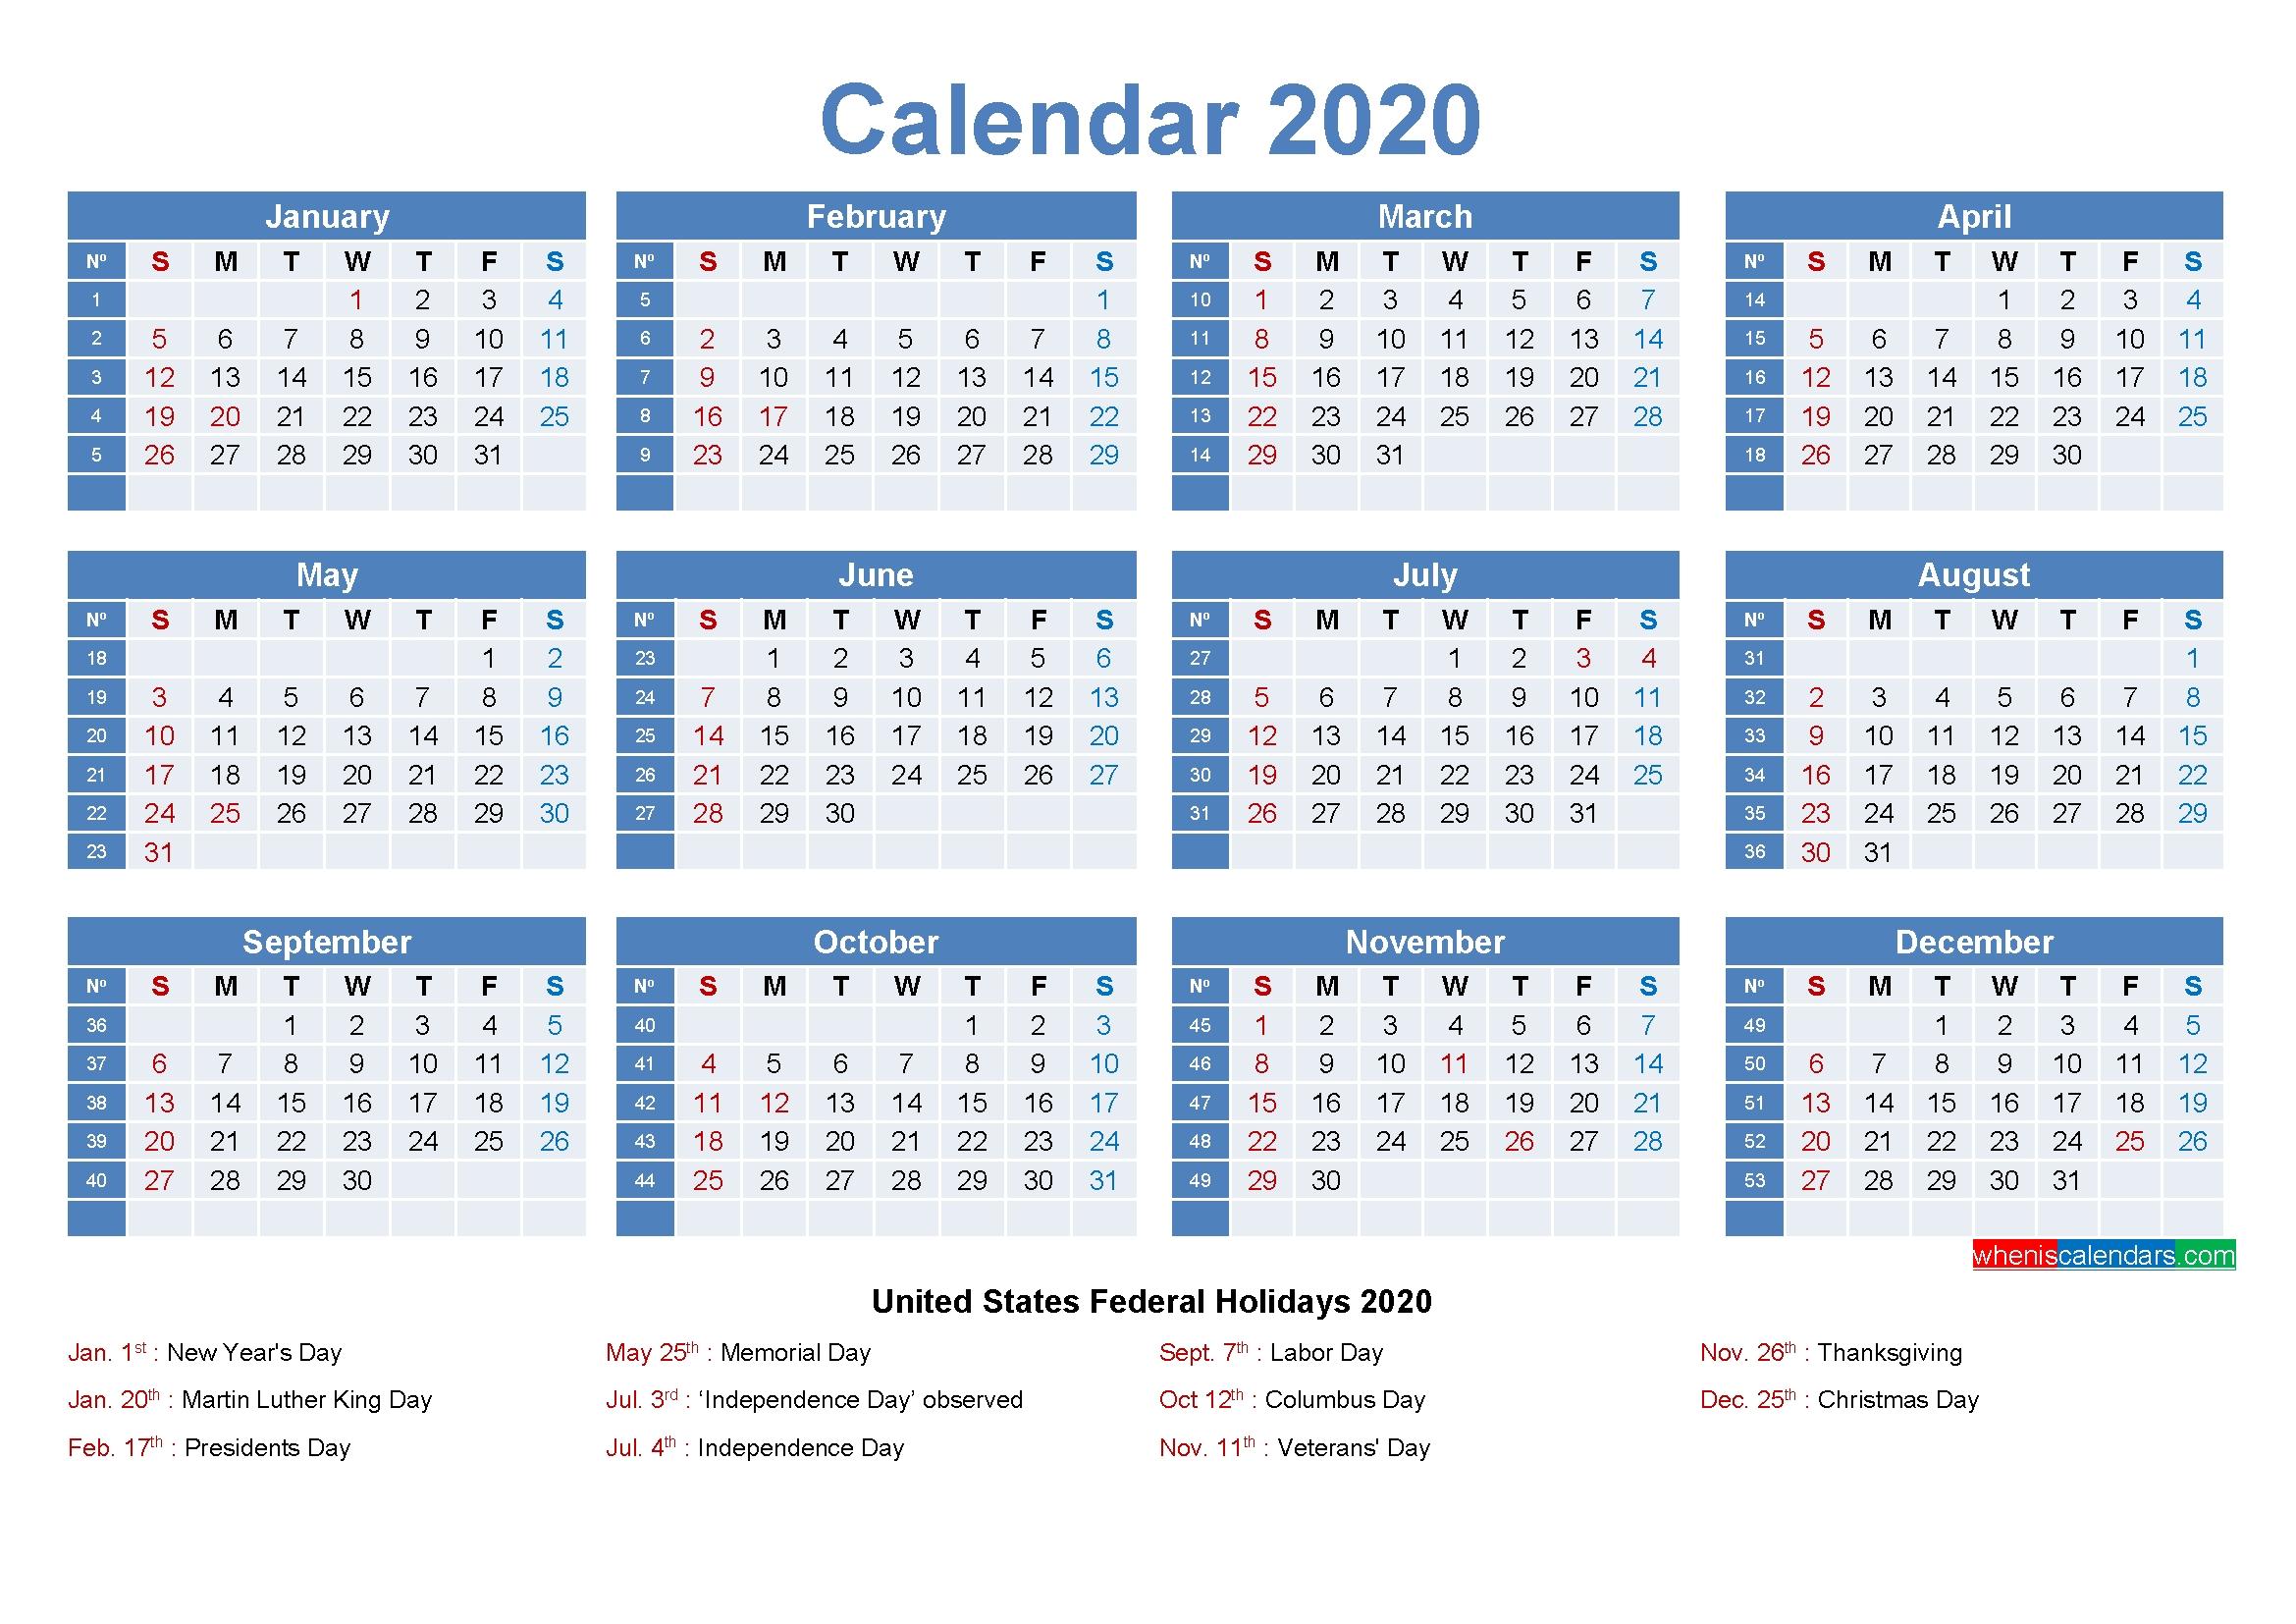 Editable Printable Calendar 2020 Word – Template No.ep20Y8 – Free Printable 2020 Monthly-Yearly Week Number Calendar Excel0.